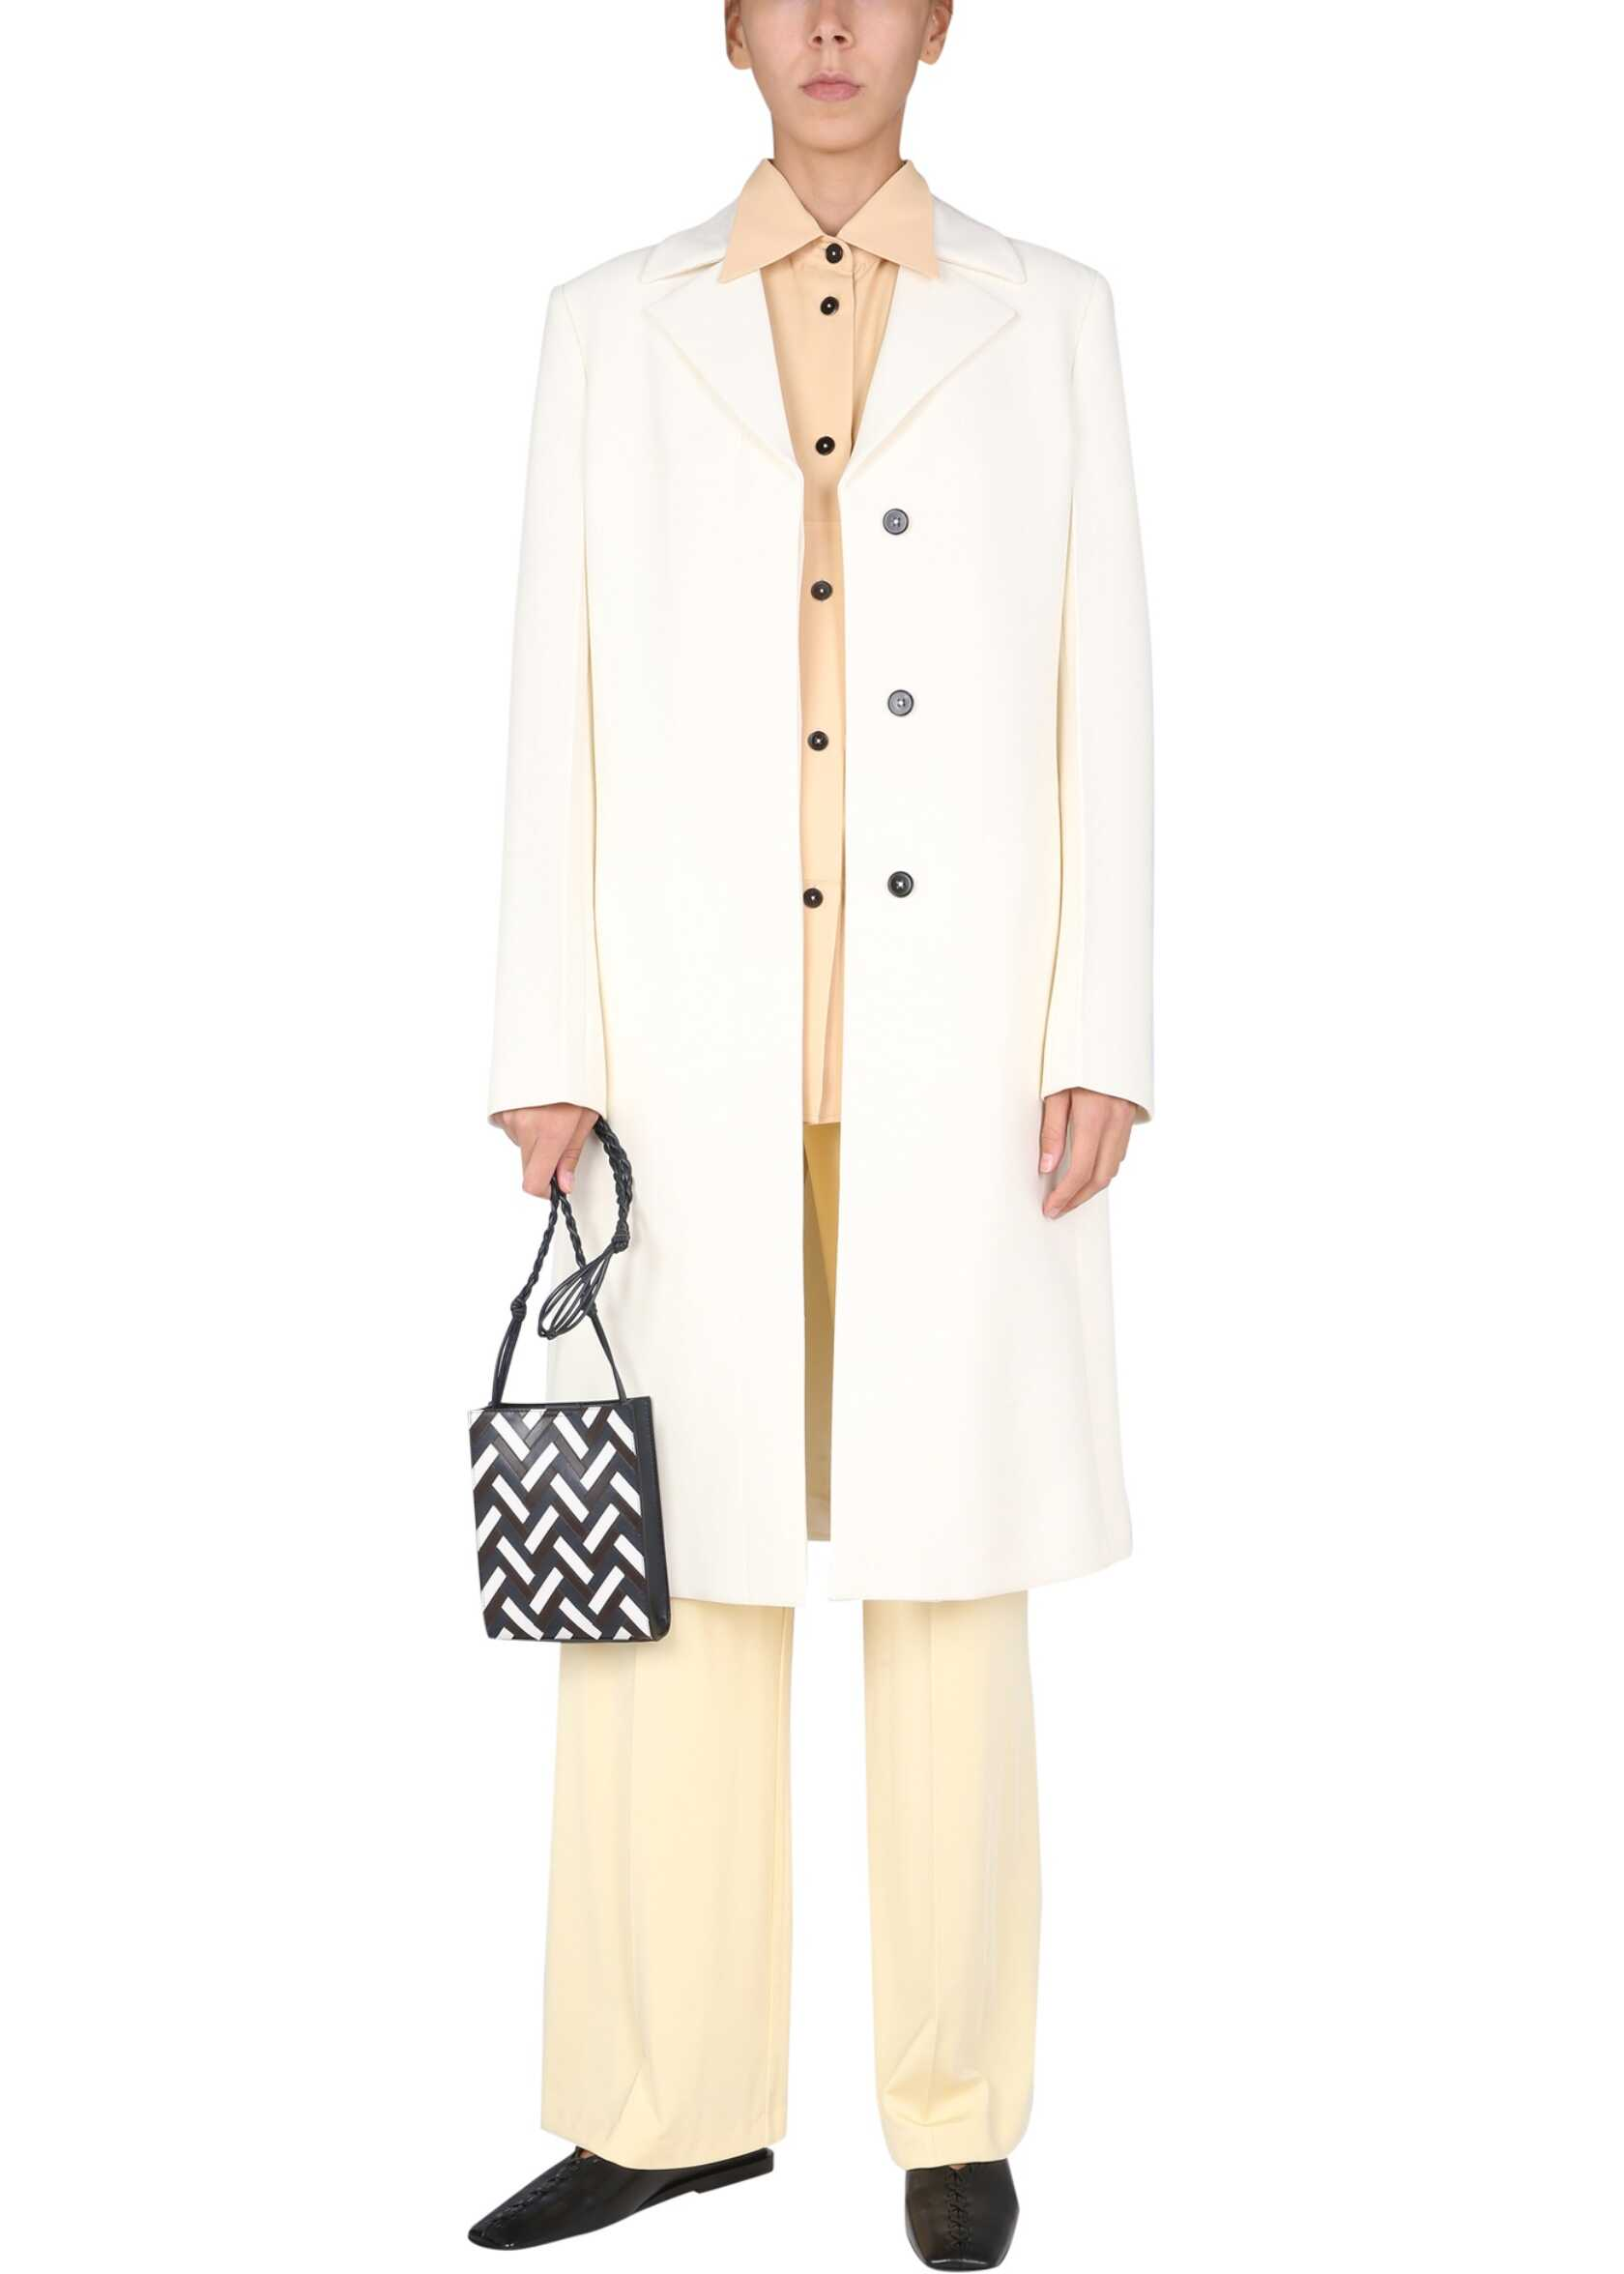 Jil Sander Tailored Coat JSWT105310_WT20040F109 WHITE image0